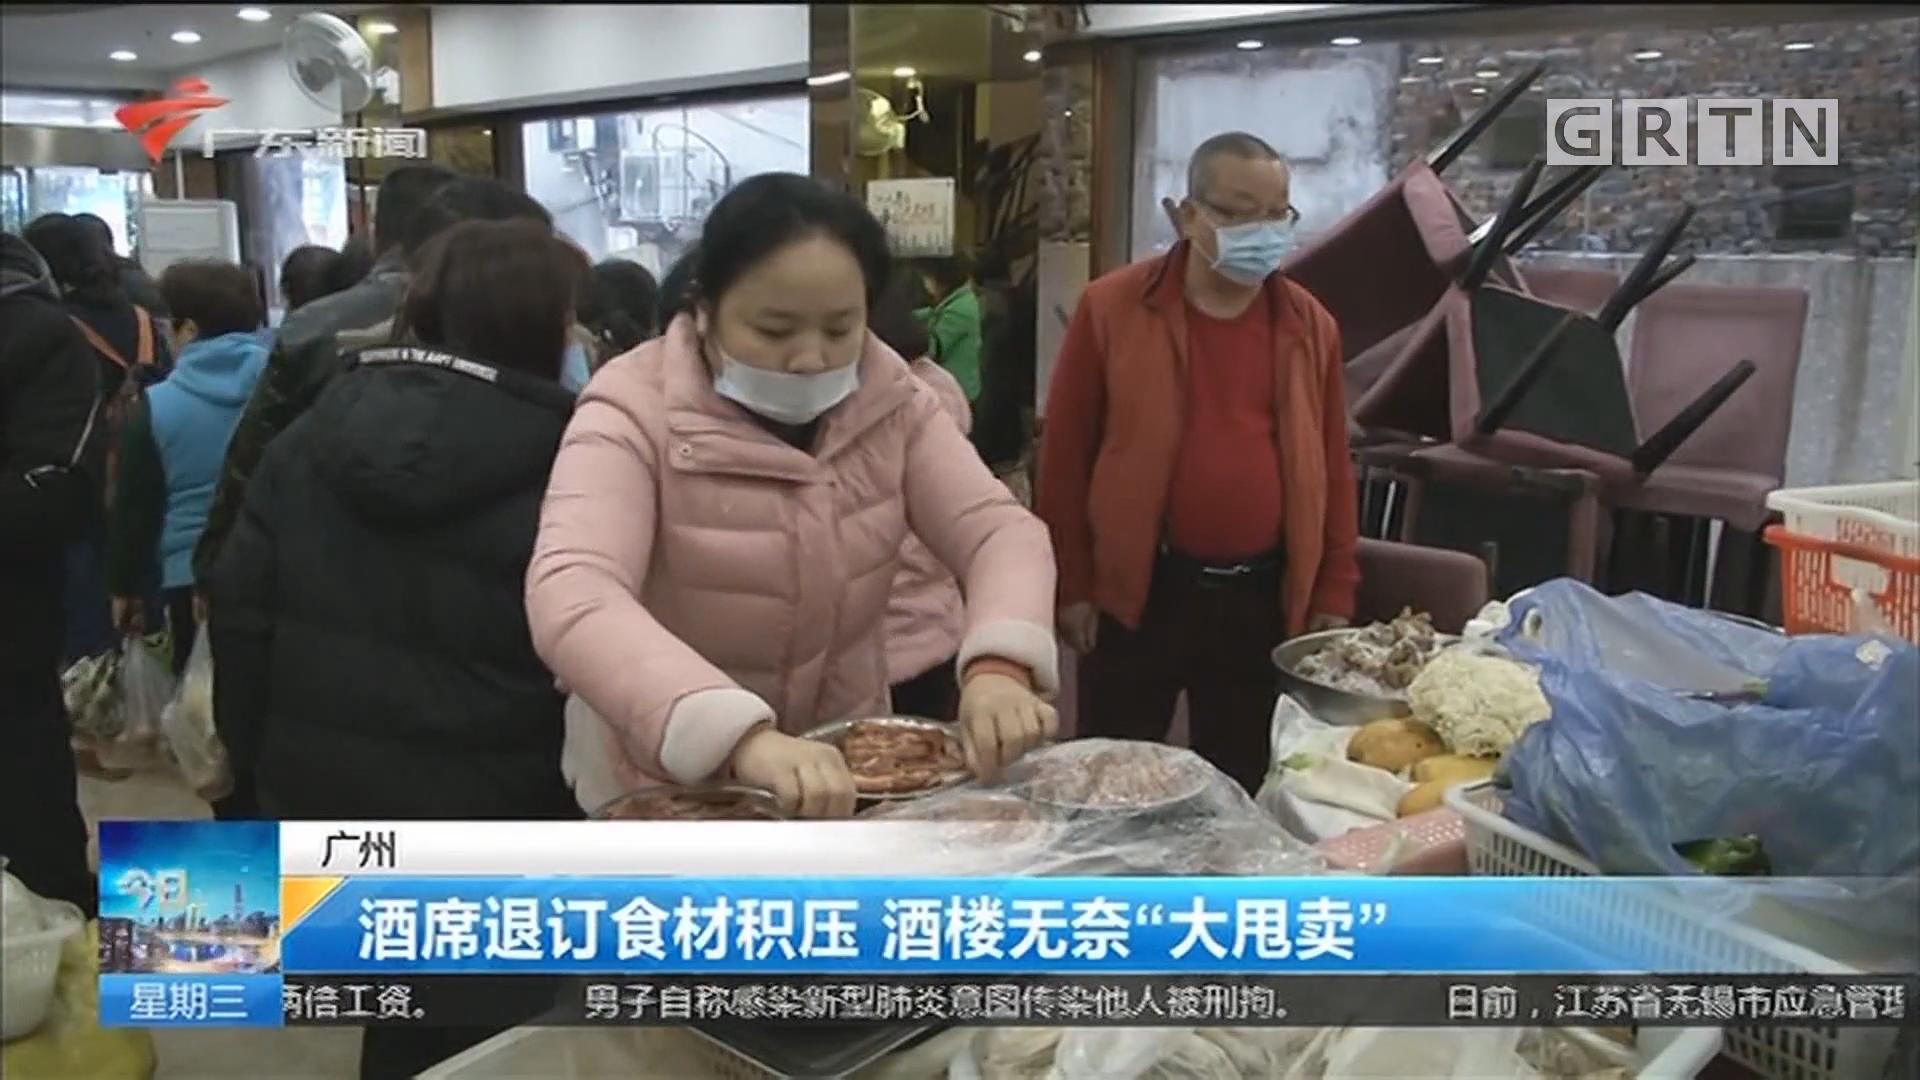 """广州:酒席退订食材积压 酒楼无奈""""大甩卖"""""""